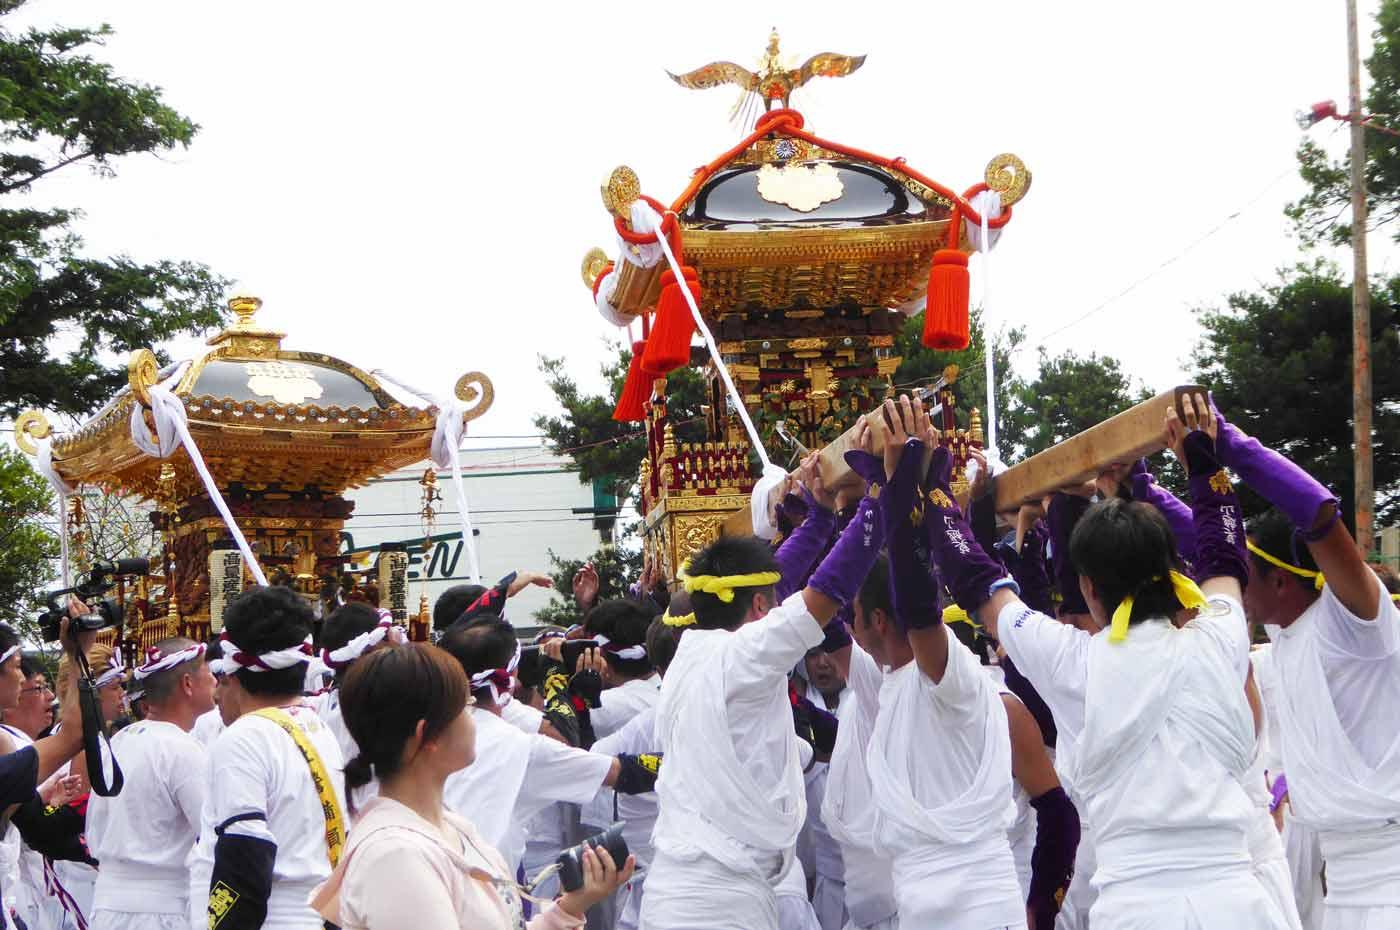 高皇産霊神社と莫越山神社の神輿